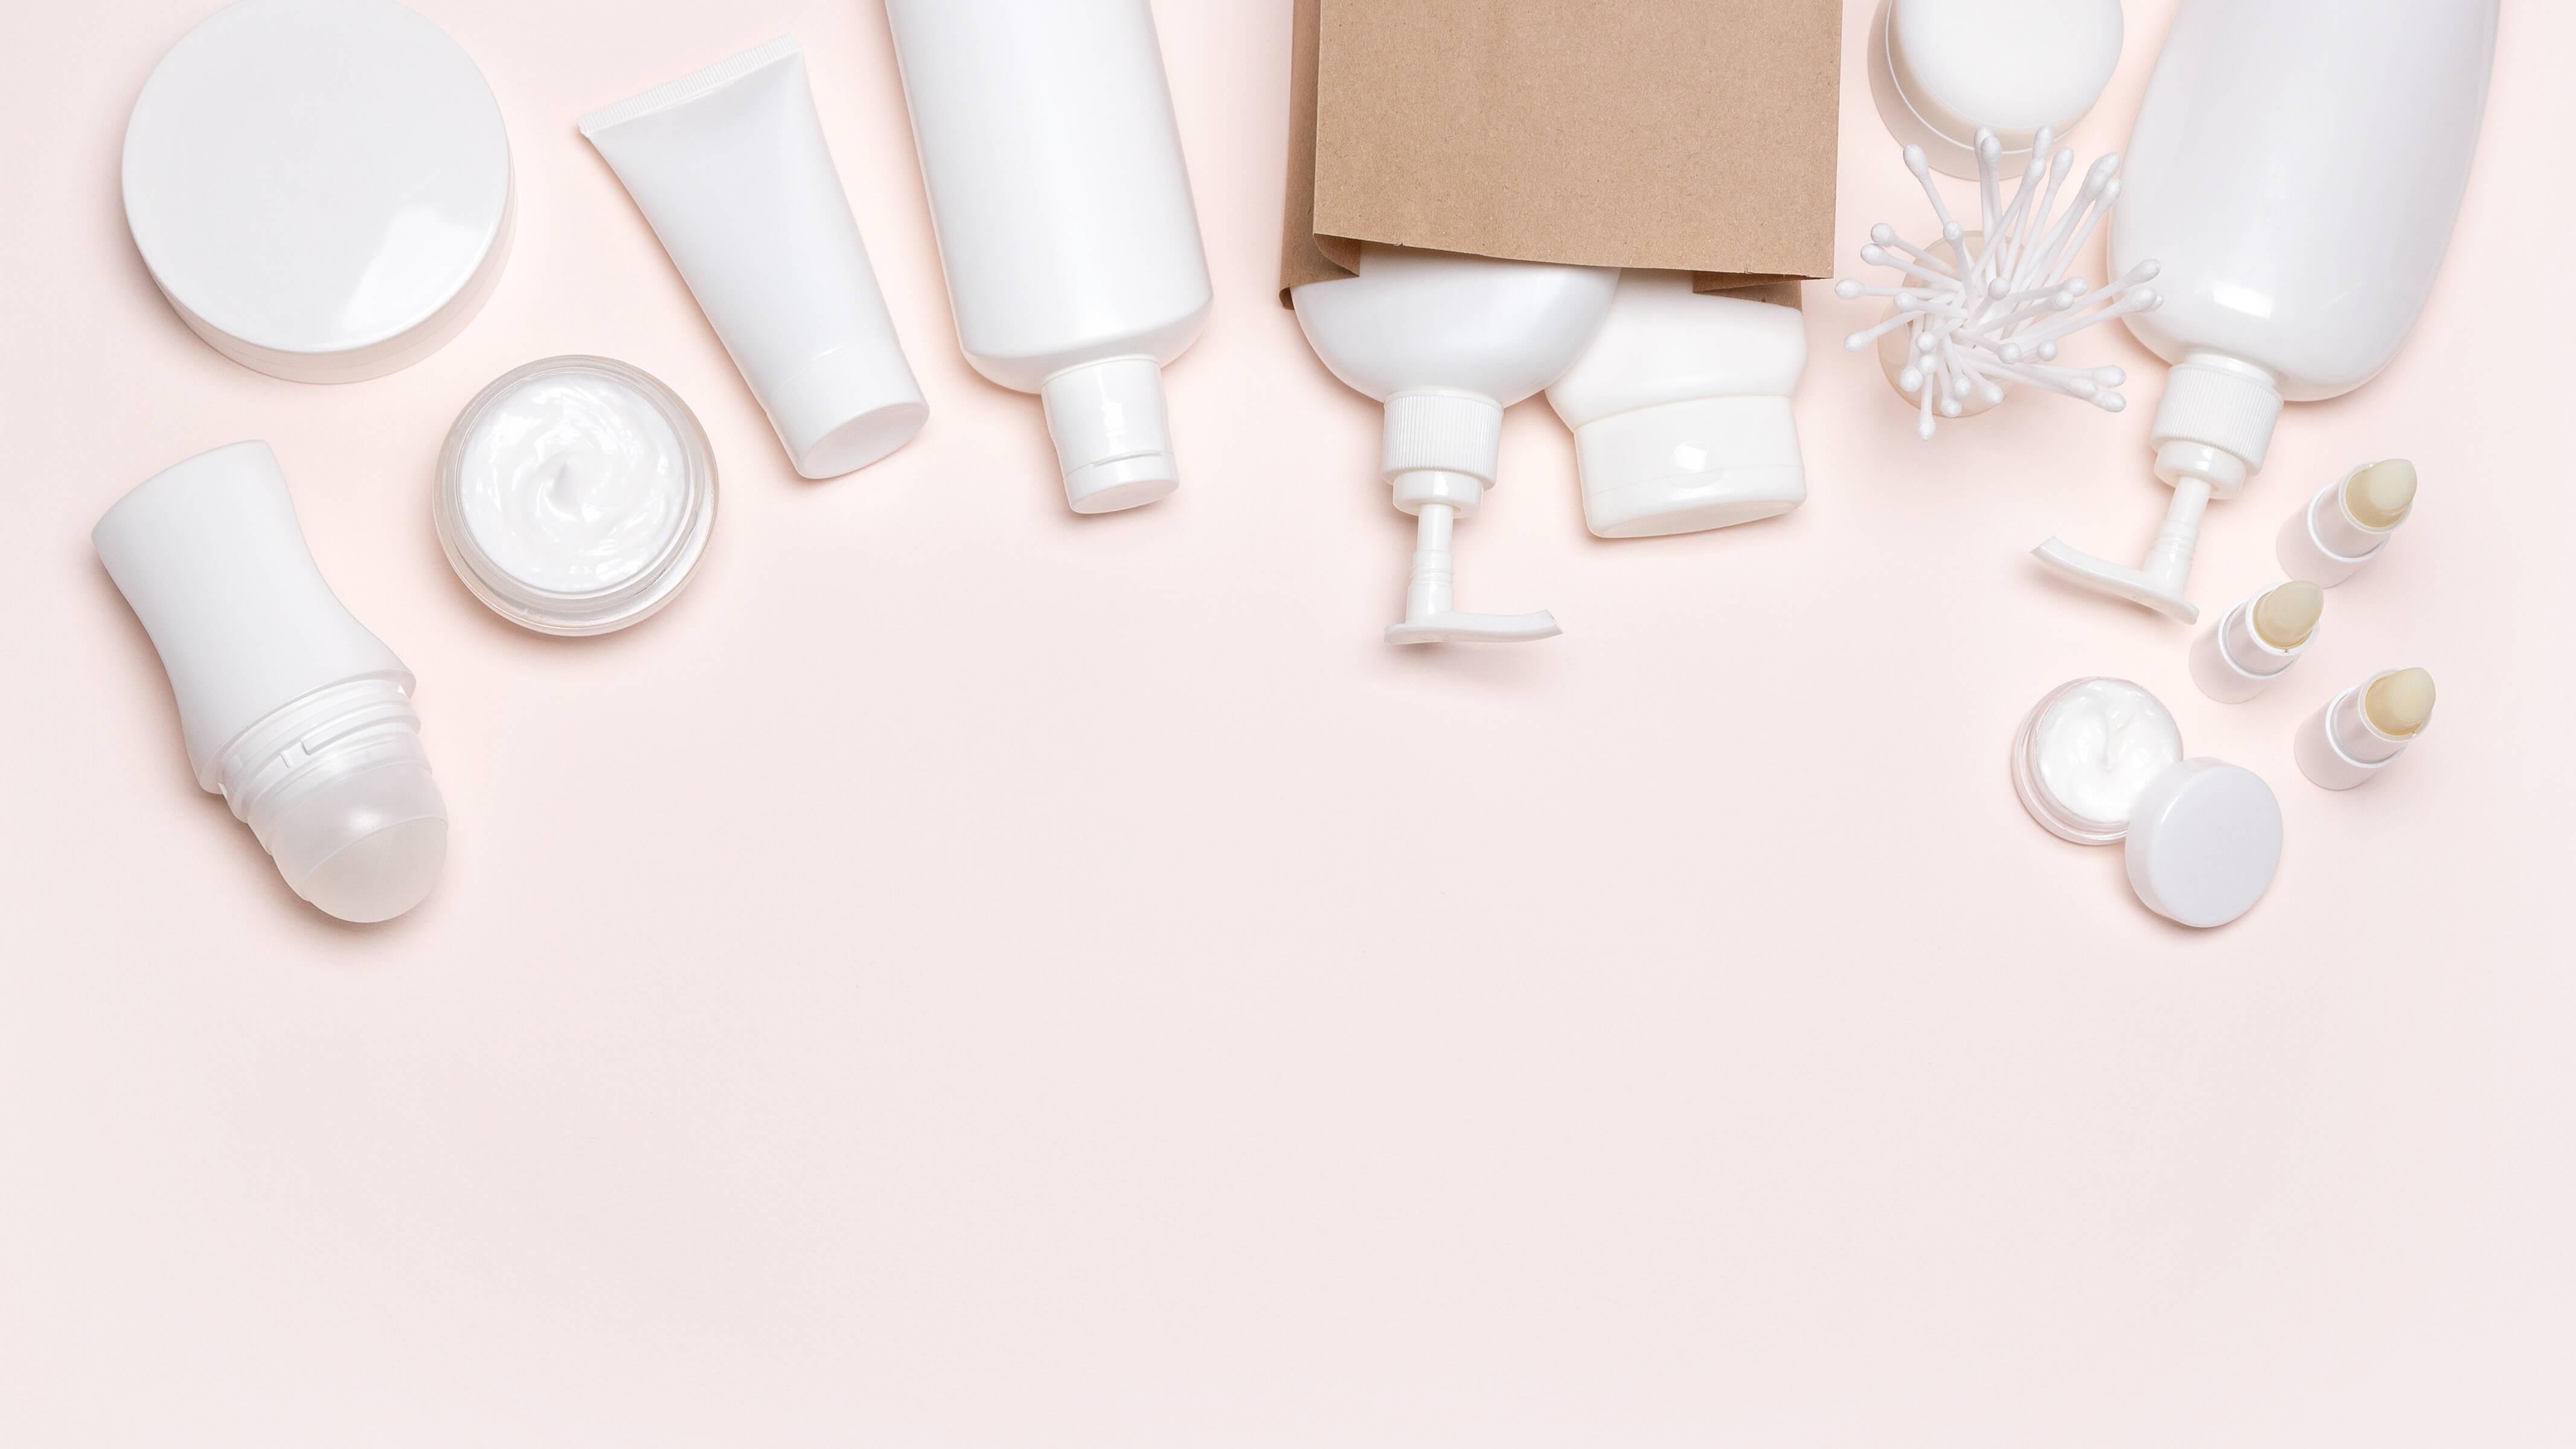 verpackungen_kosmetik_nachhaltigkeit